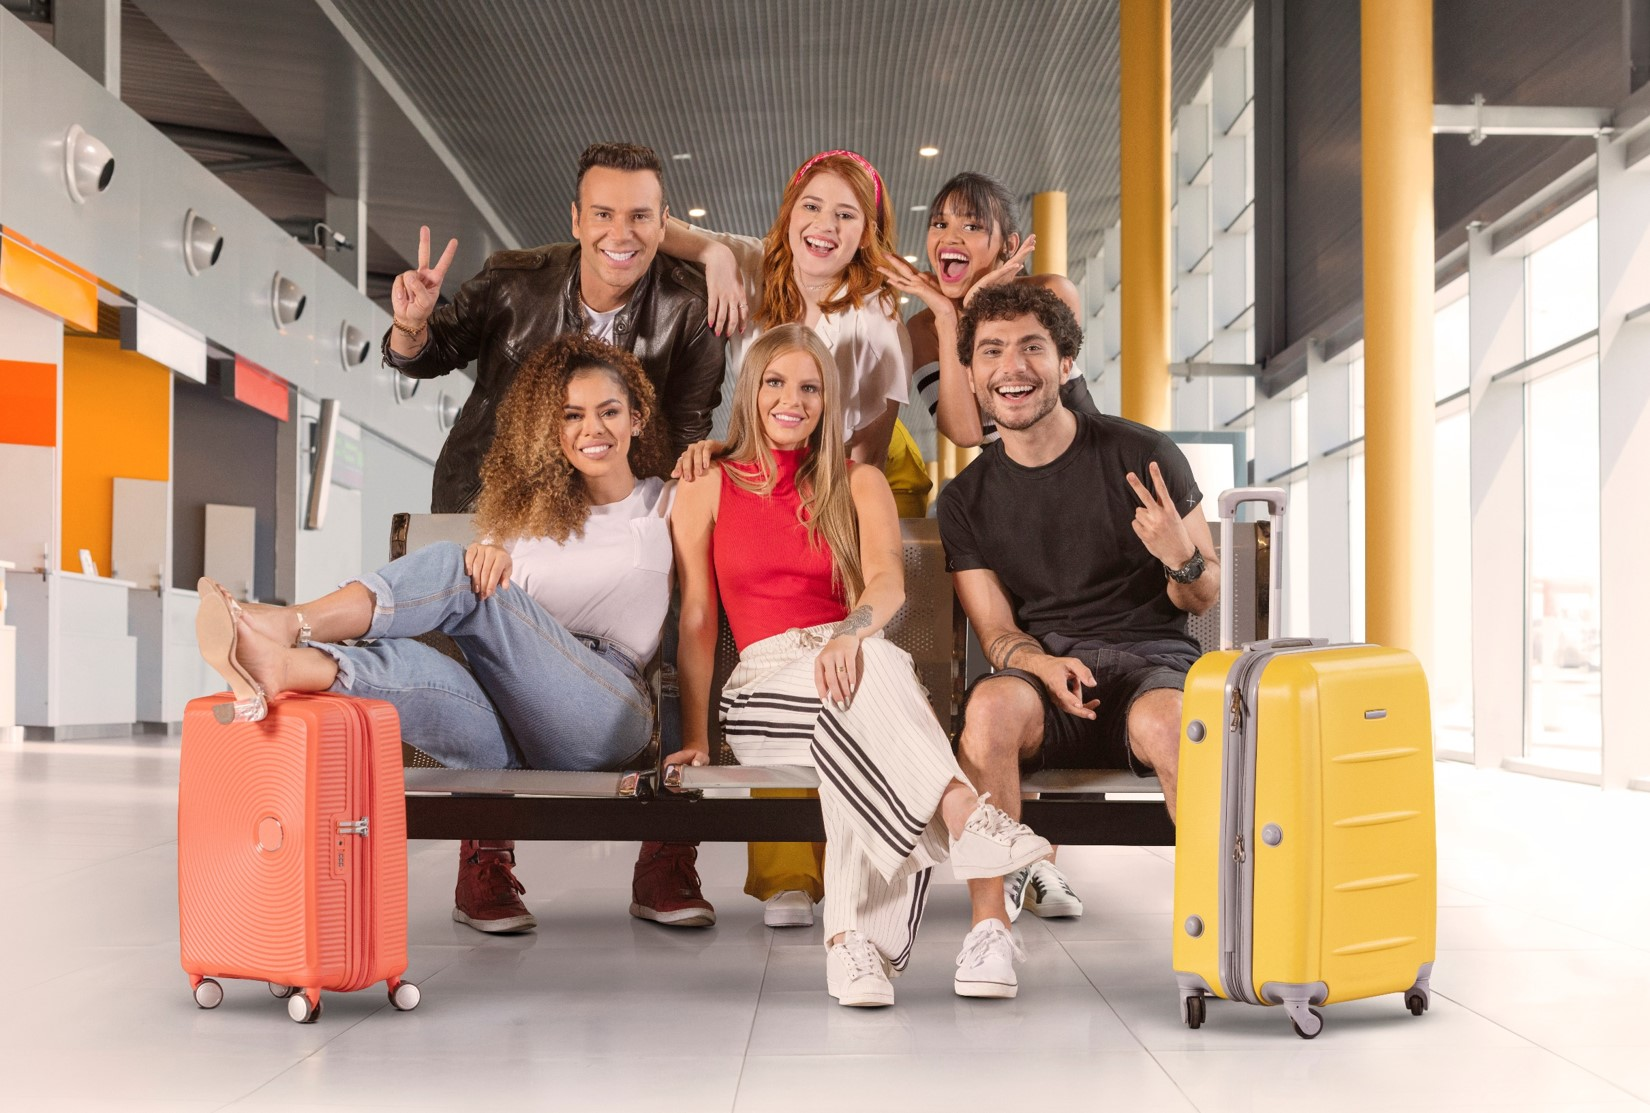 Luiza Sonza com outros cinco jovens.